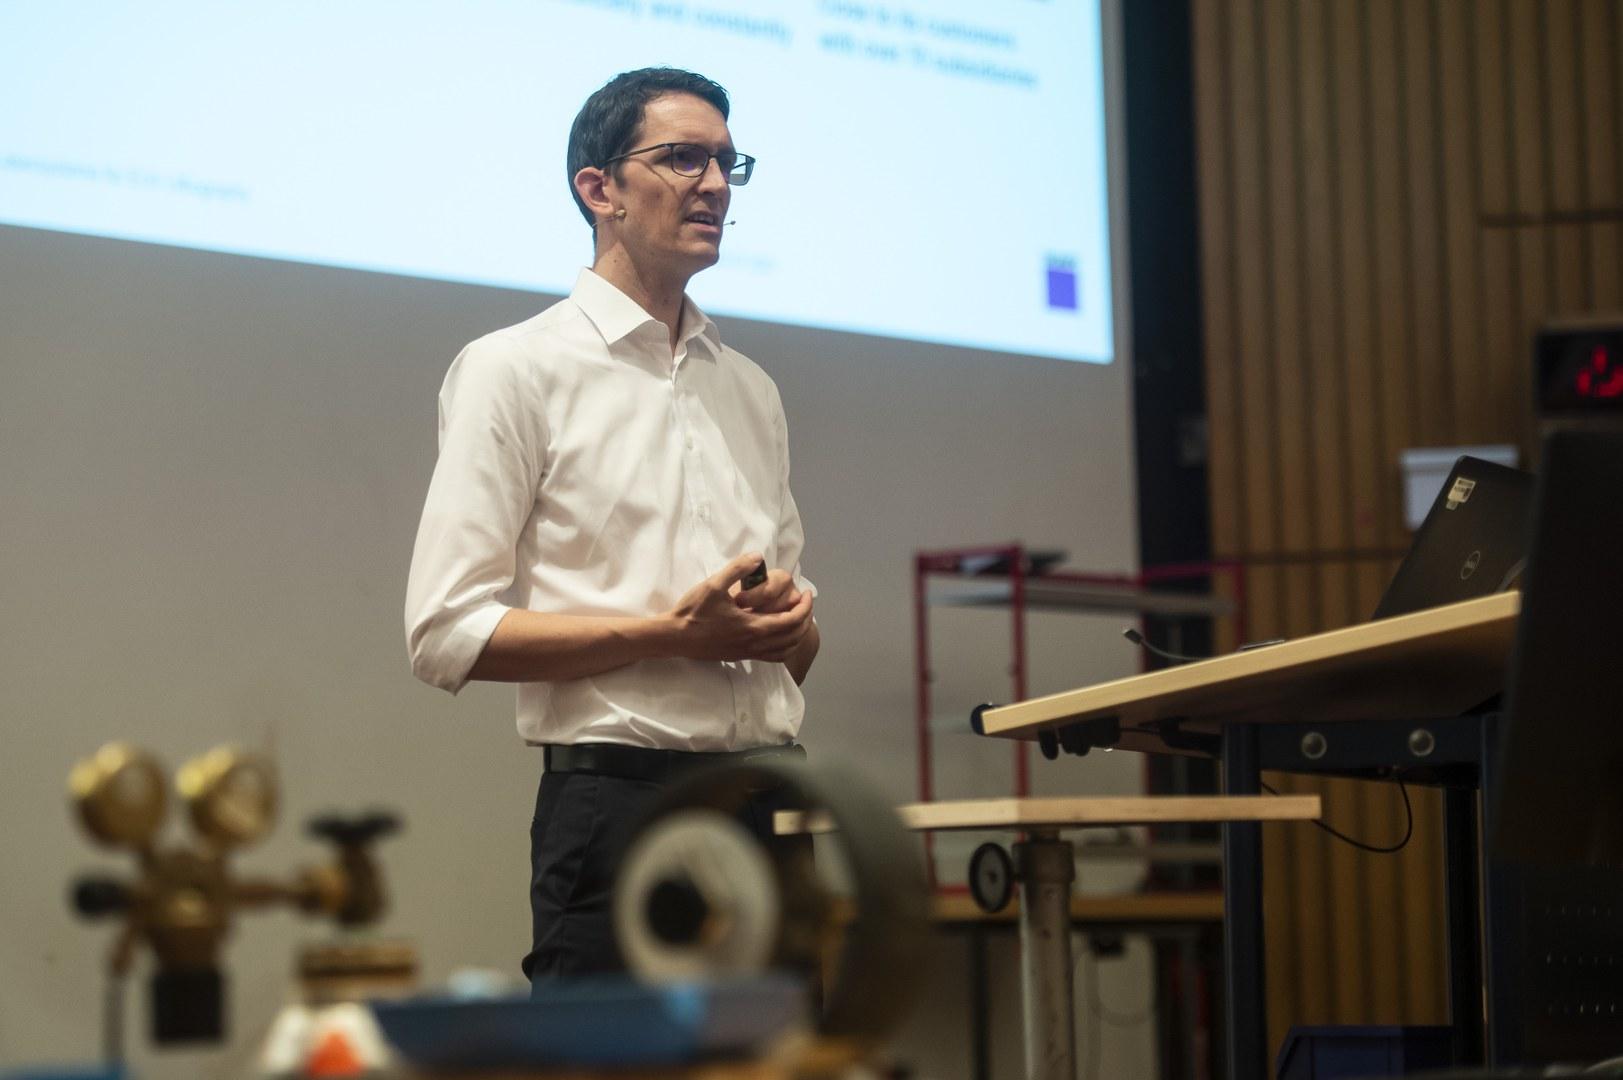 Dr. Michael Kösters